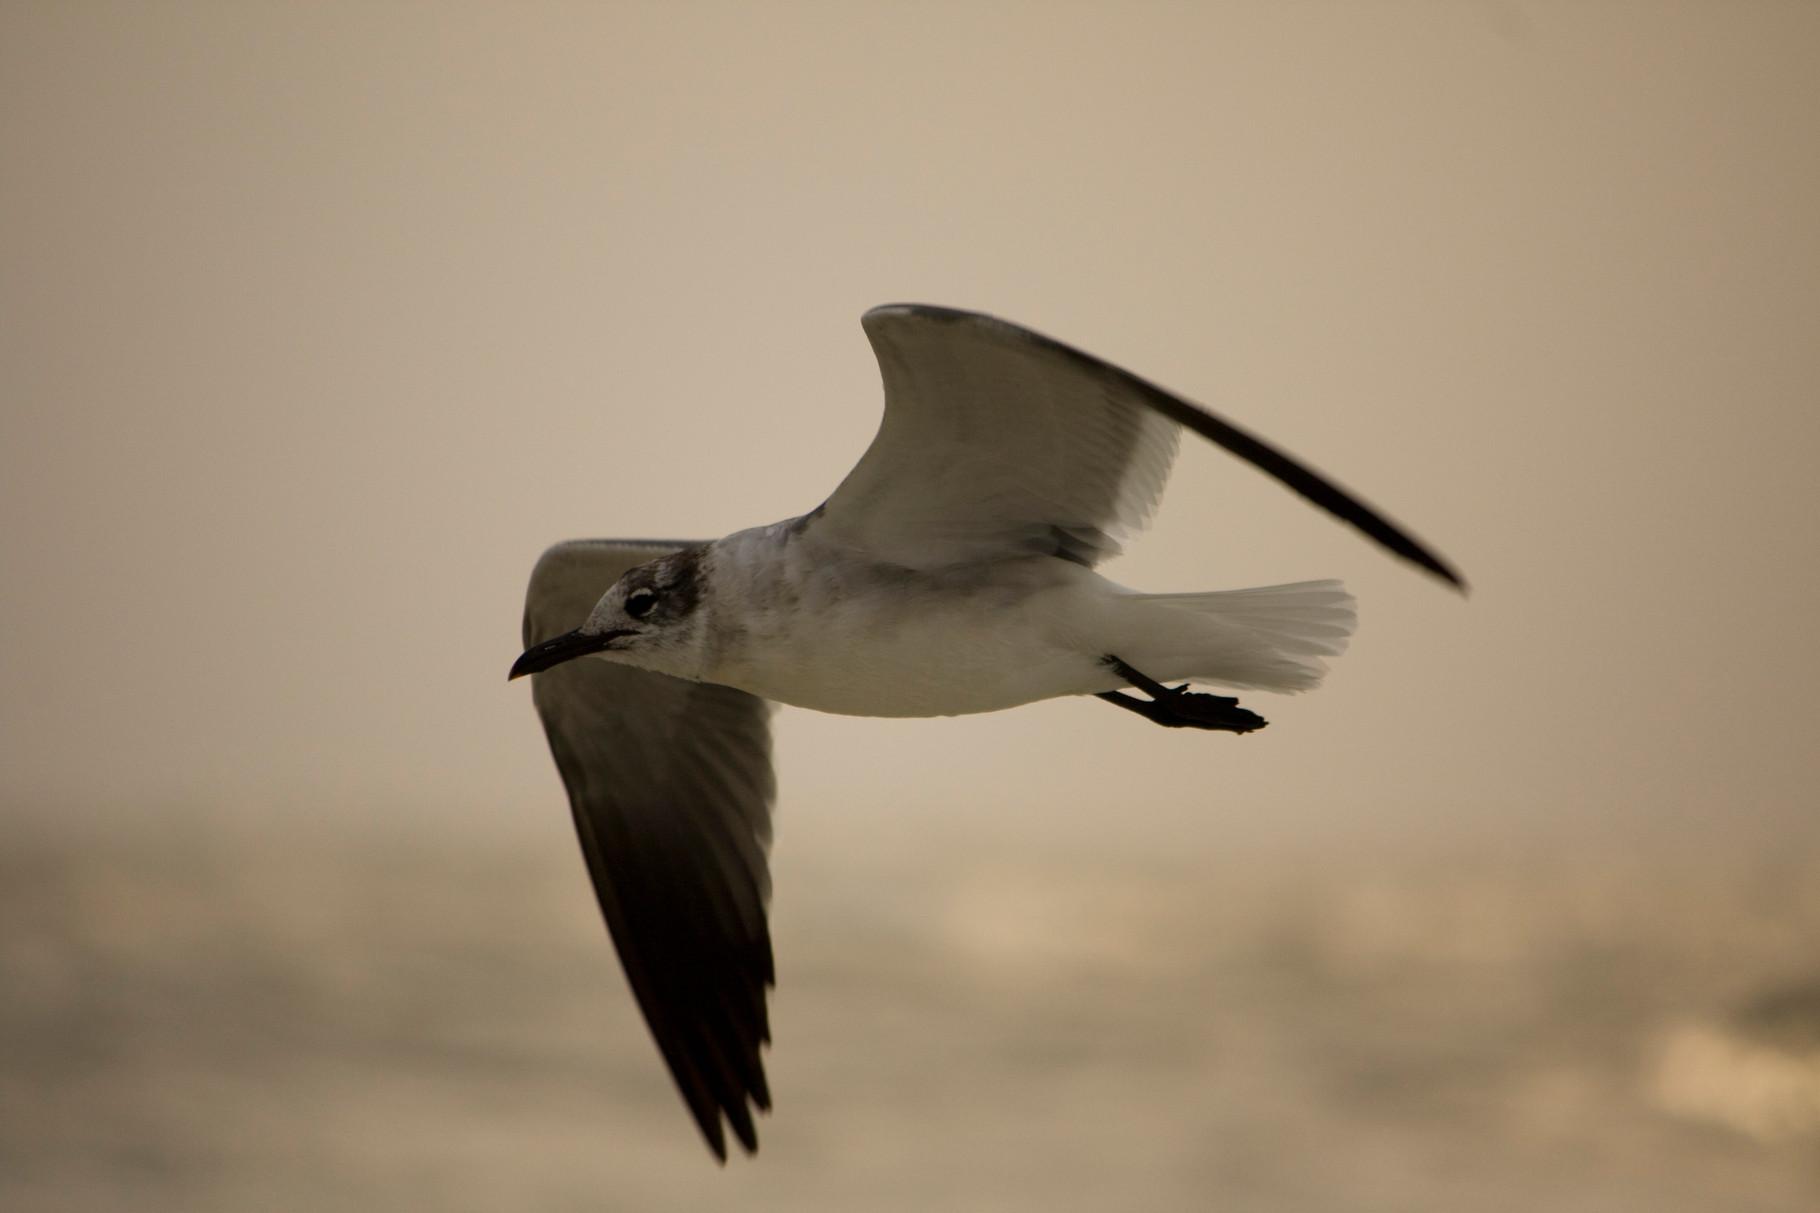 22_Möwe (gull) in Fort Walton Beach in Florida